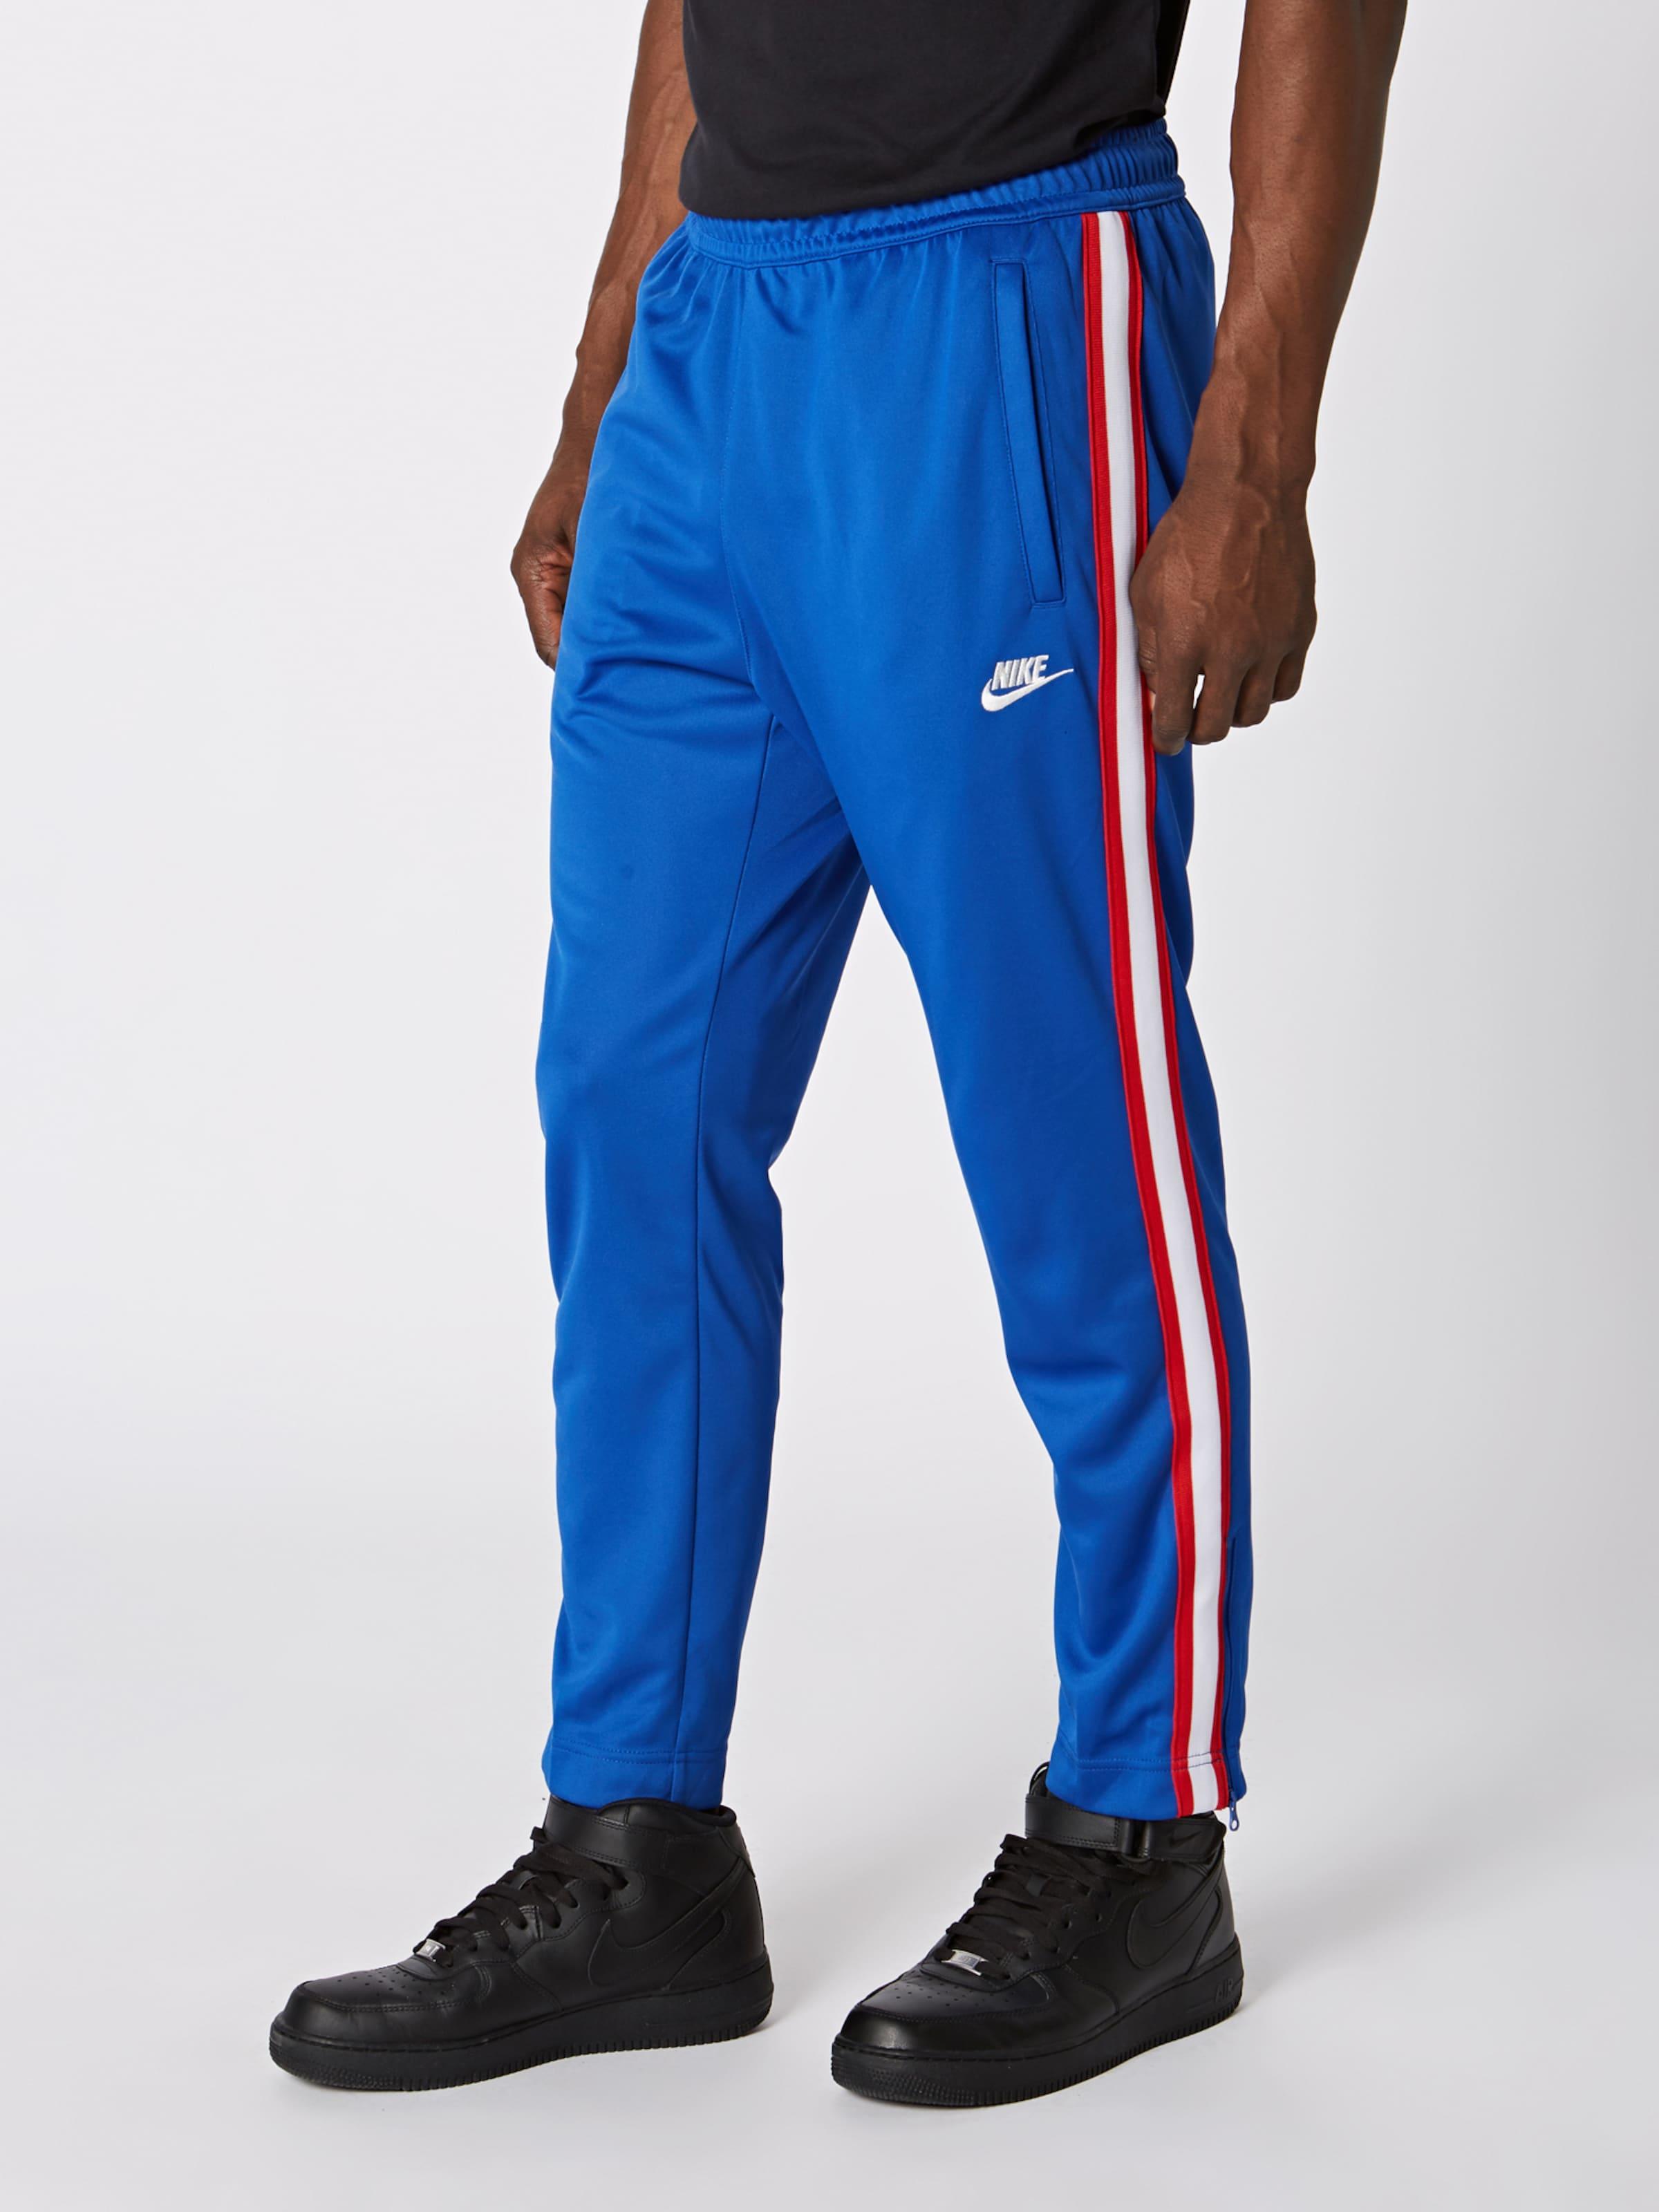 Royal Blue 'oh In Broek koningsblauw Sportswear Tribute' Nike l3KTJcF1